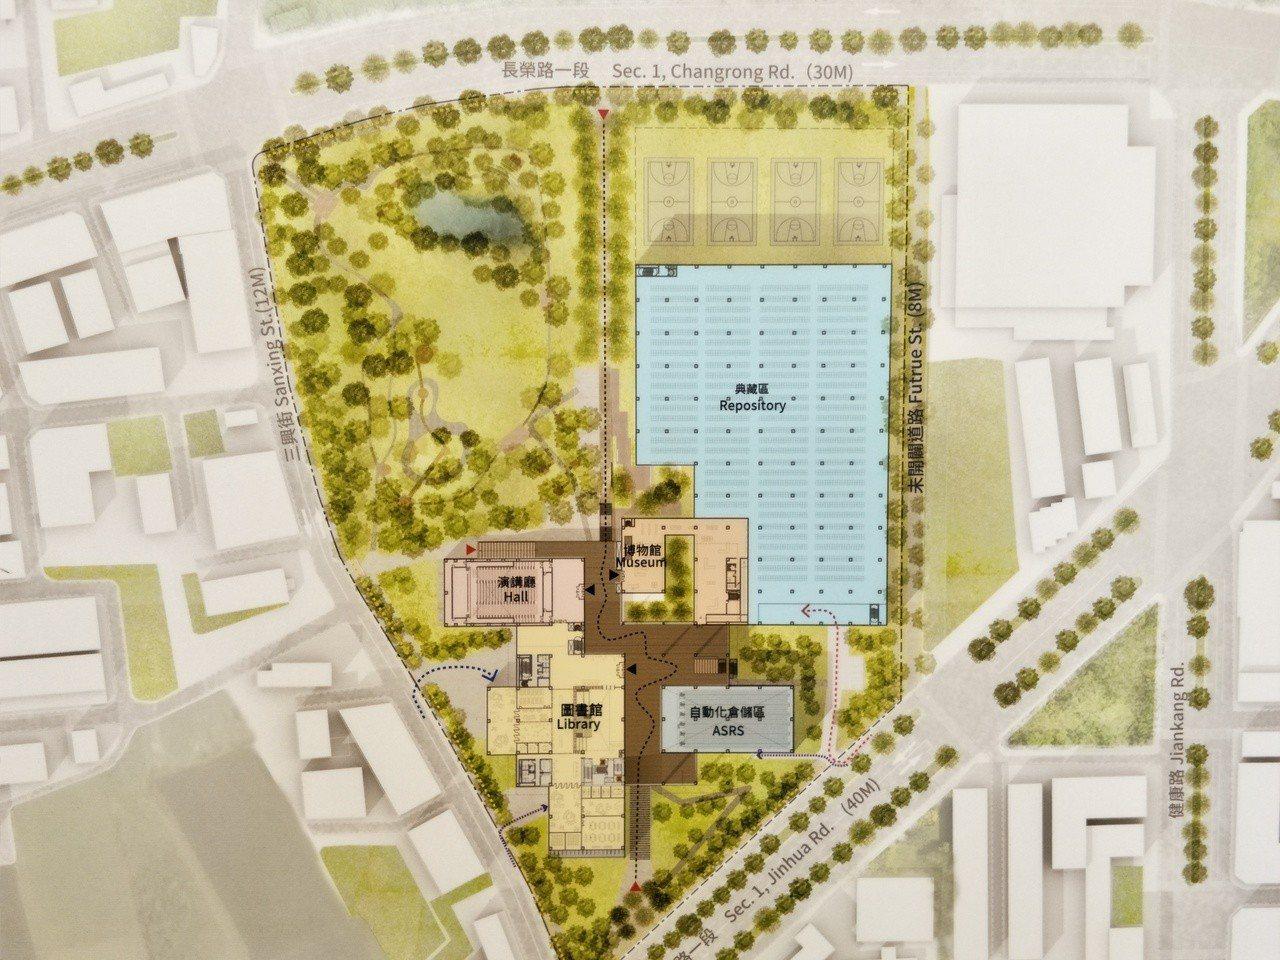 競圖出線的九典聯合建築師事務所,將規劃設計為台灣首座循環圖書館,保留基地90%的...